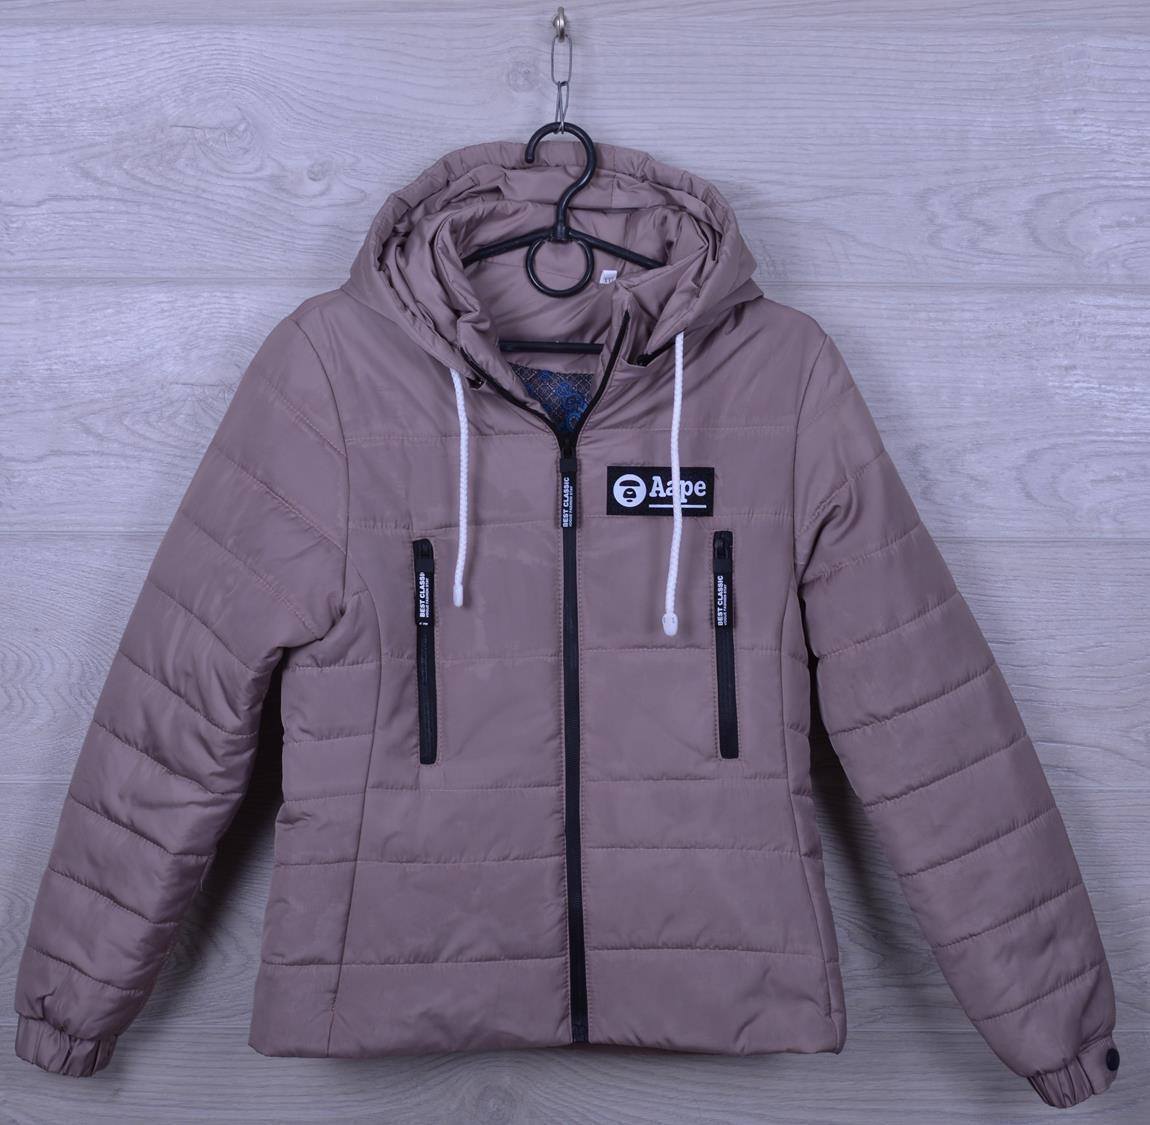 """Куртка подростковая демисезонная """"AaPe"""" для девочек. 10-14 лет. С вертикальными карманами. Капучино. Оптом."""